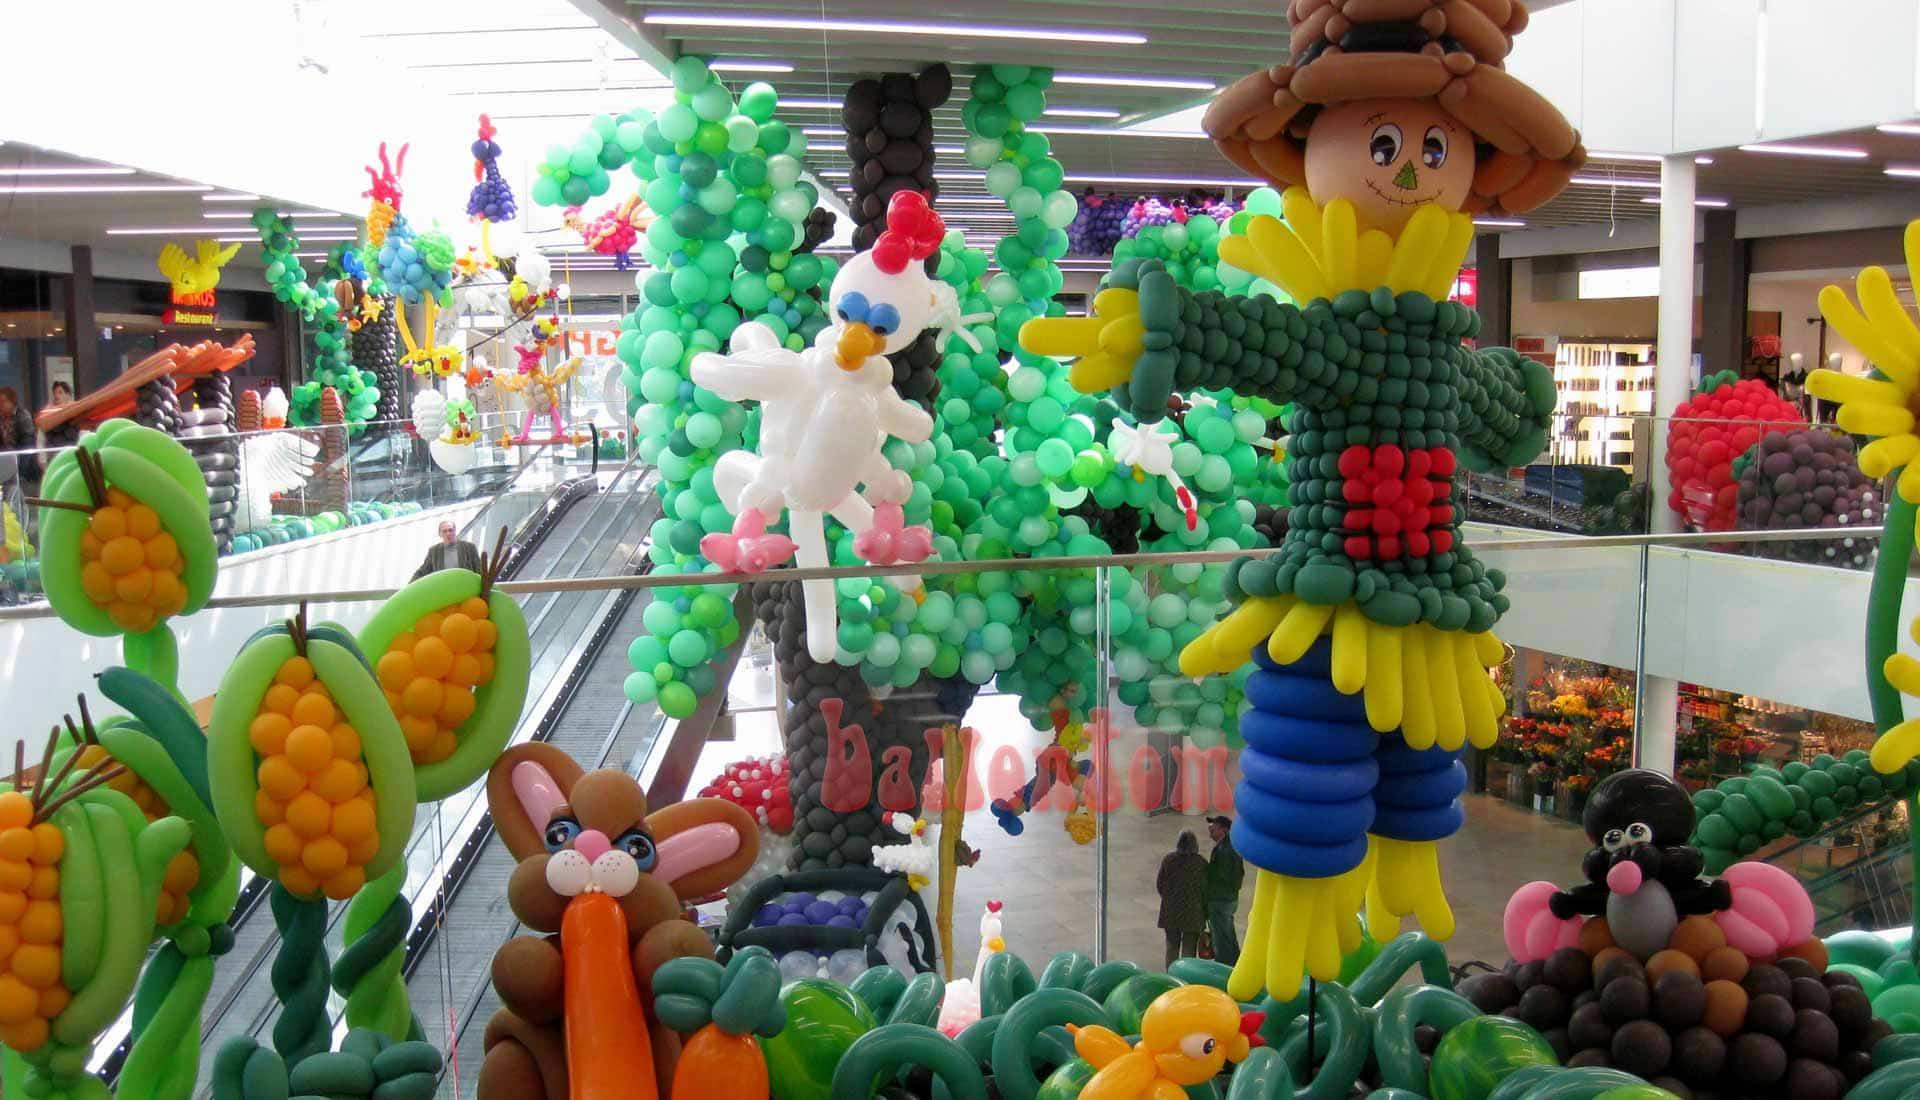 Ballonwelt Lausanne - Schweiz - Landleben - Projekt: Canniballoon Team Didier Dvorak - Unterstützt durch ballontom